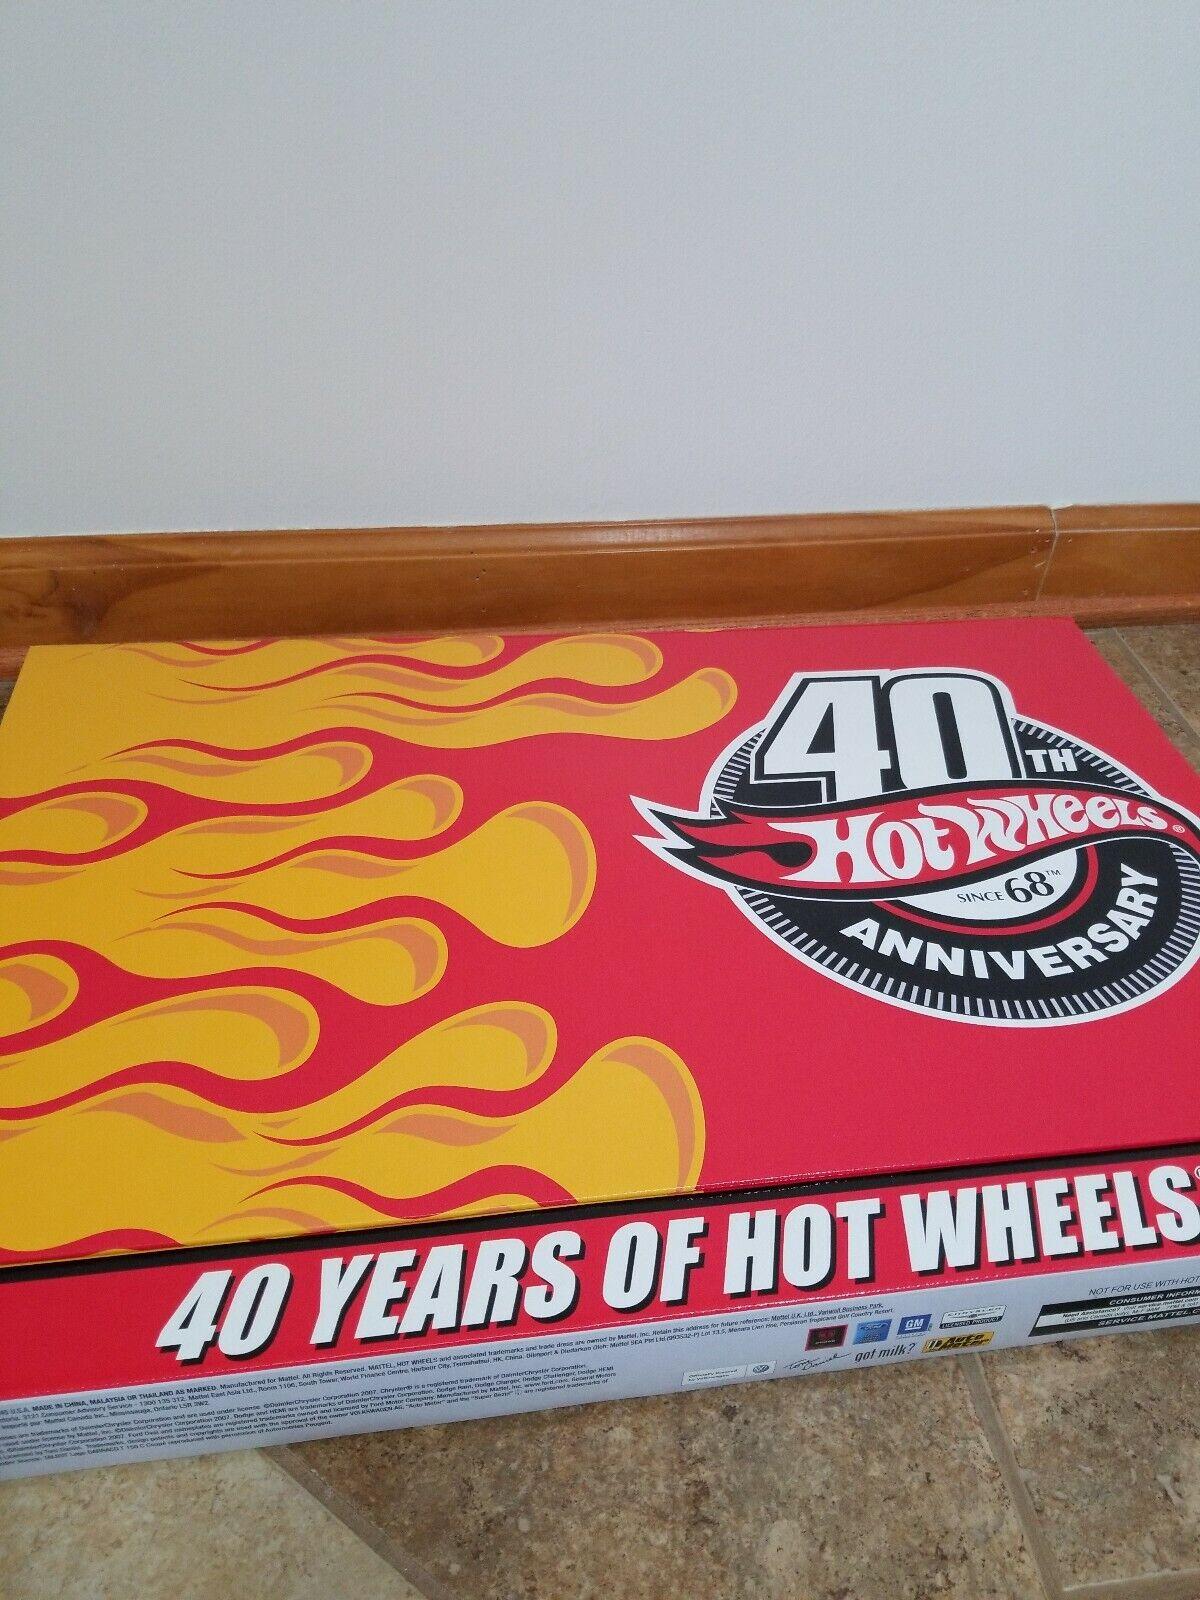 40 years of Hot Wheels anniversary set